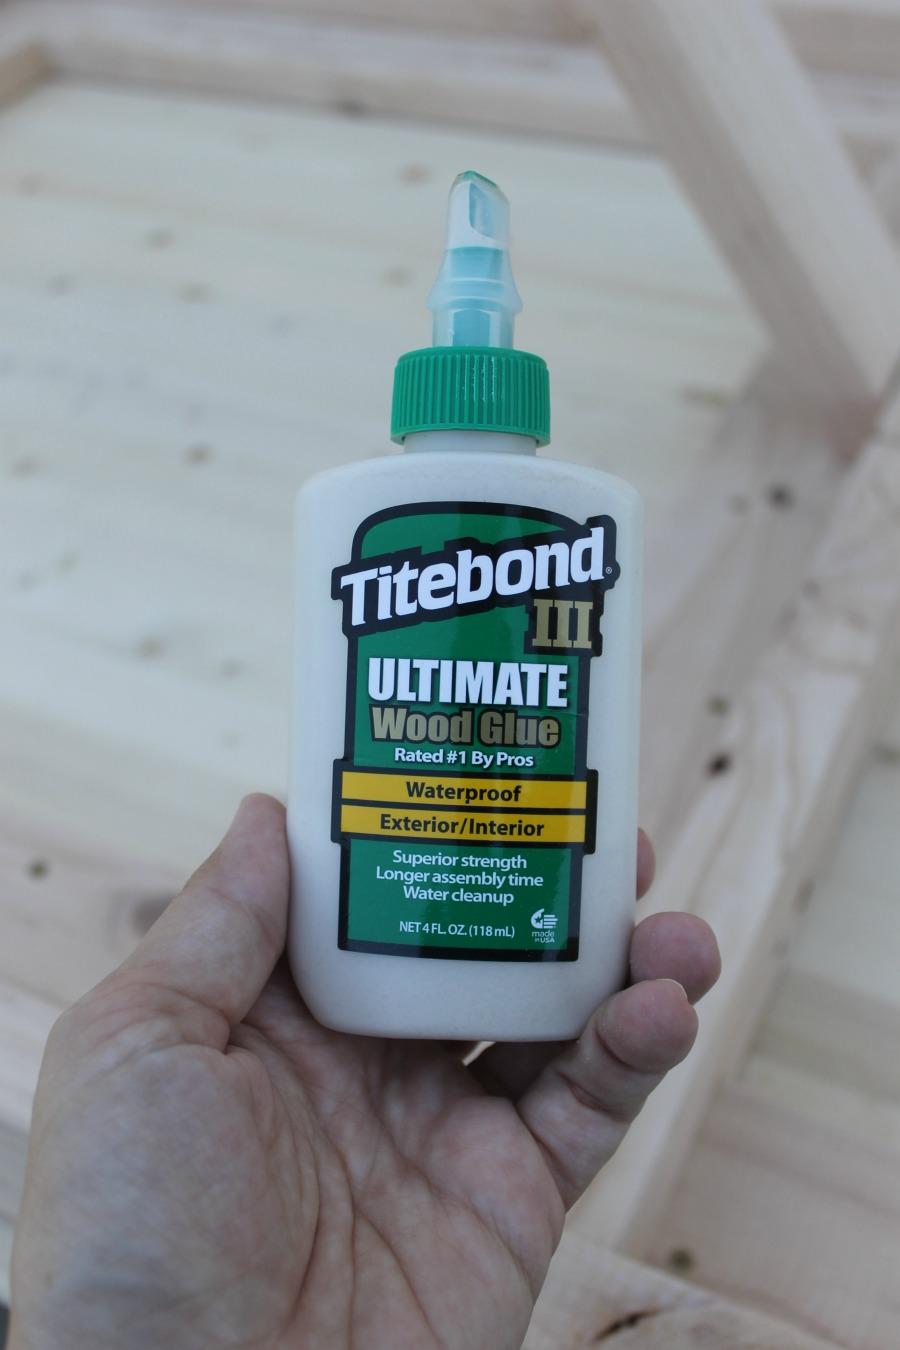 titebond wood glue - how to build a modern DIY farmhouse table